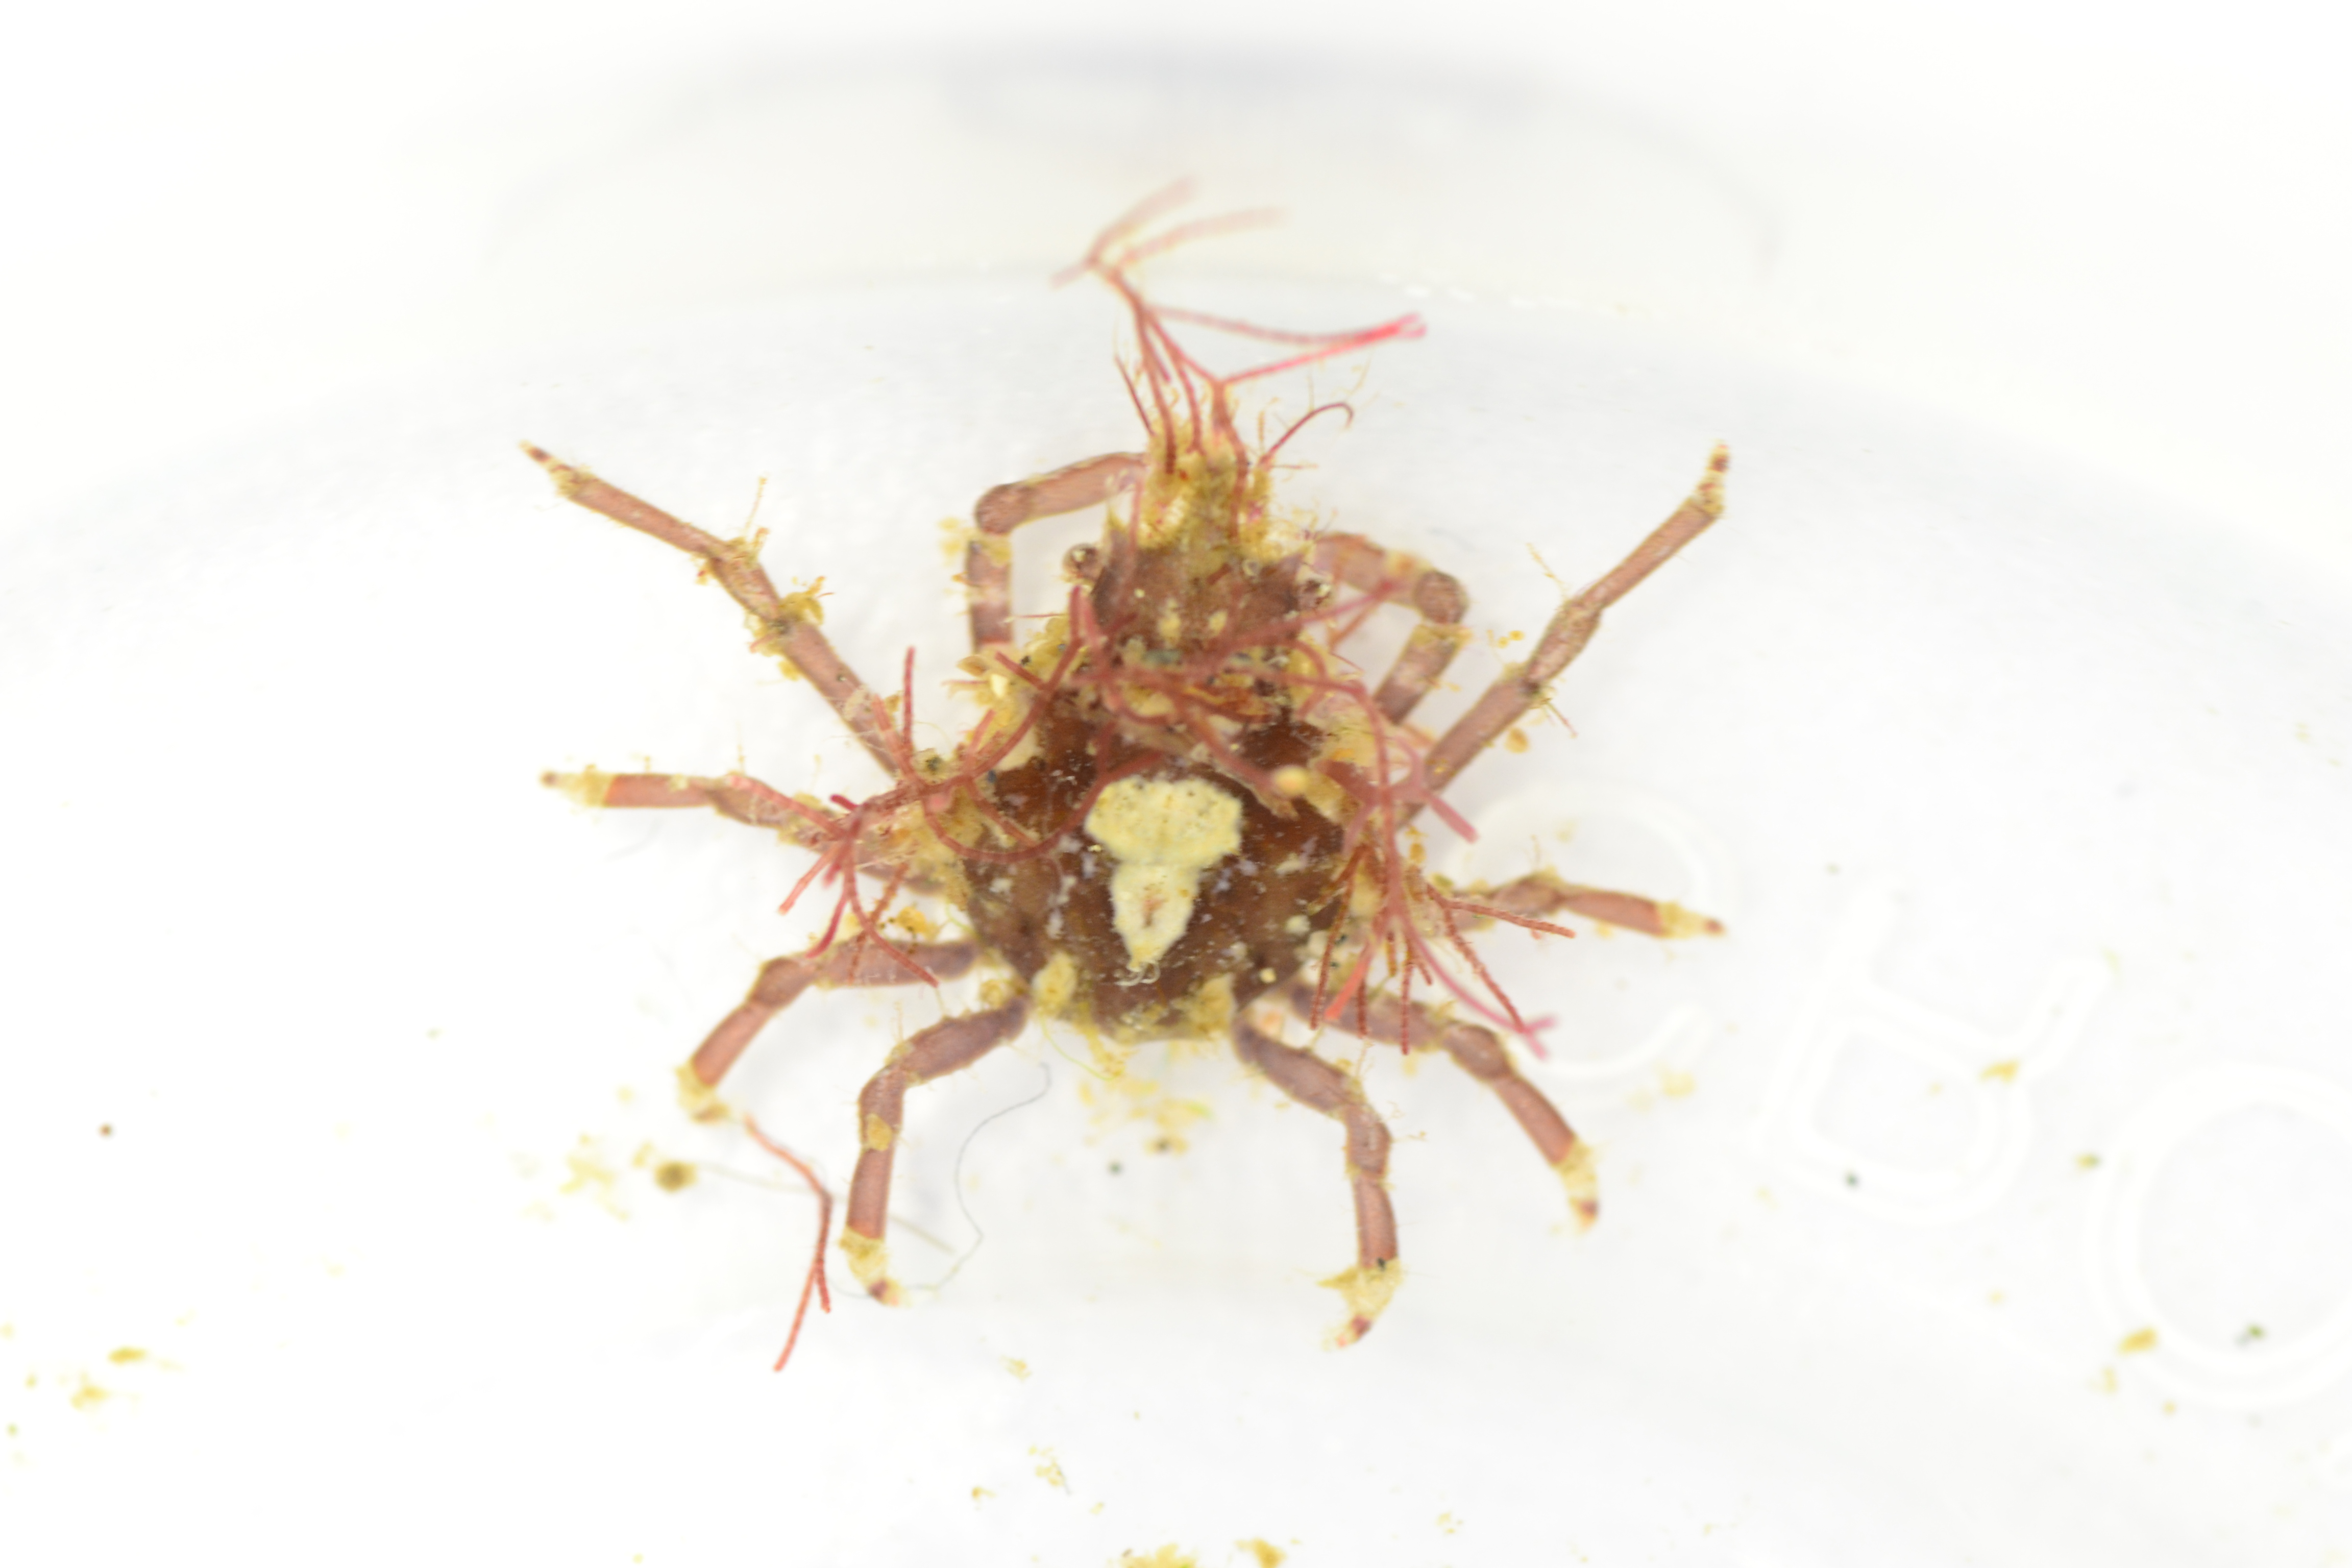 Spider crab, Decorator crab